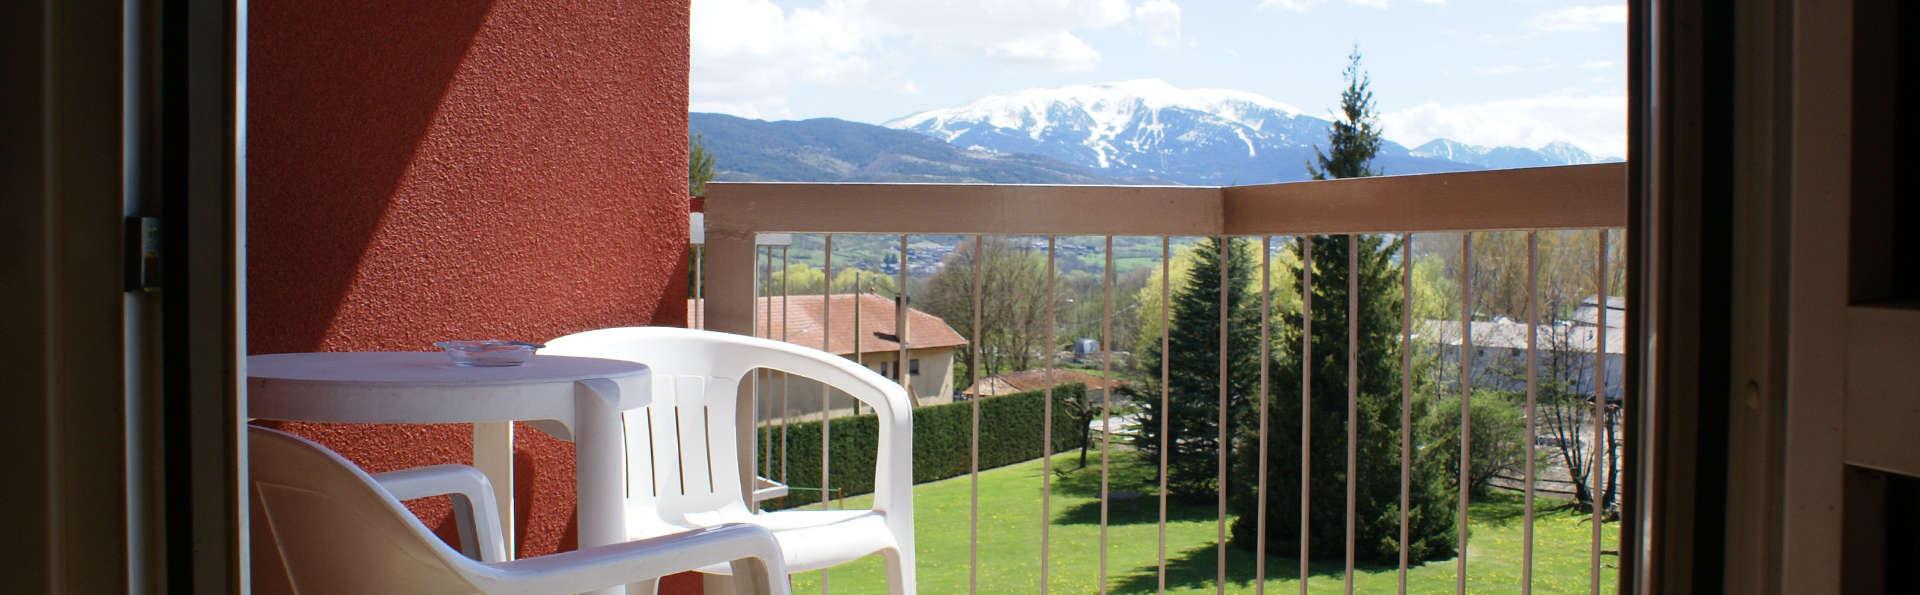 Park Hotel & Spa Puigcerdá - EDIT_balcony.jpg